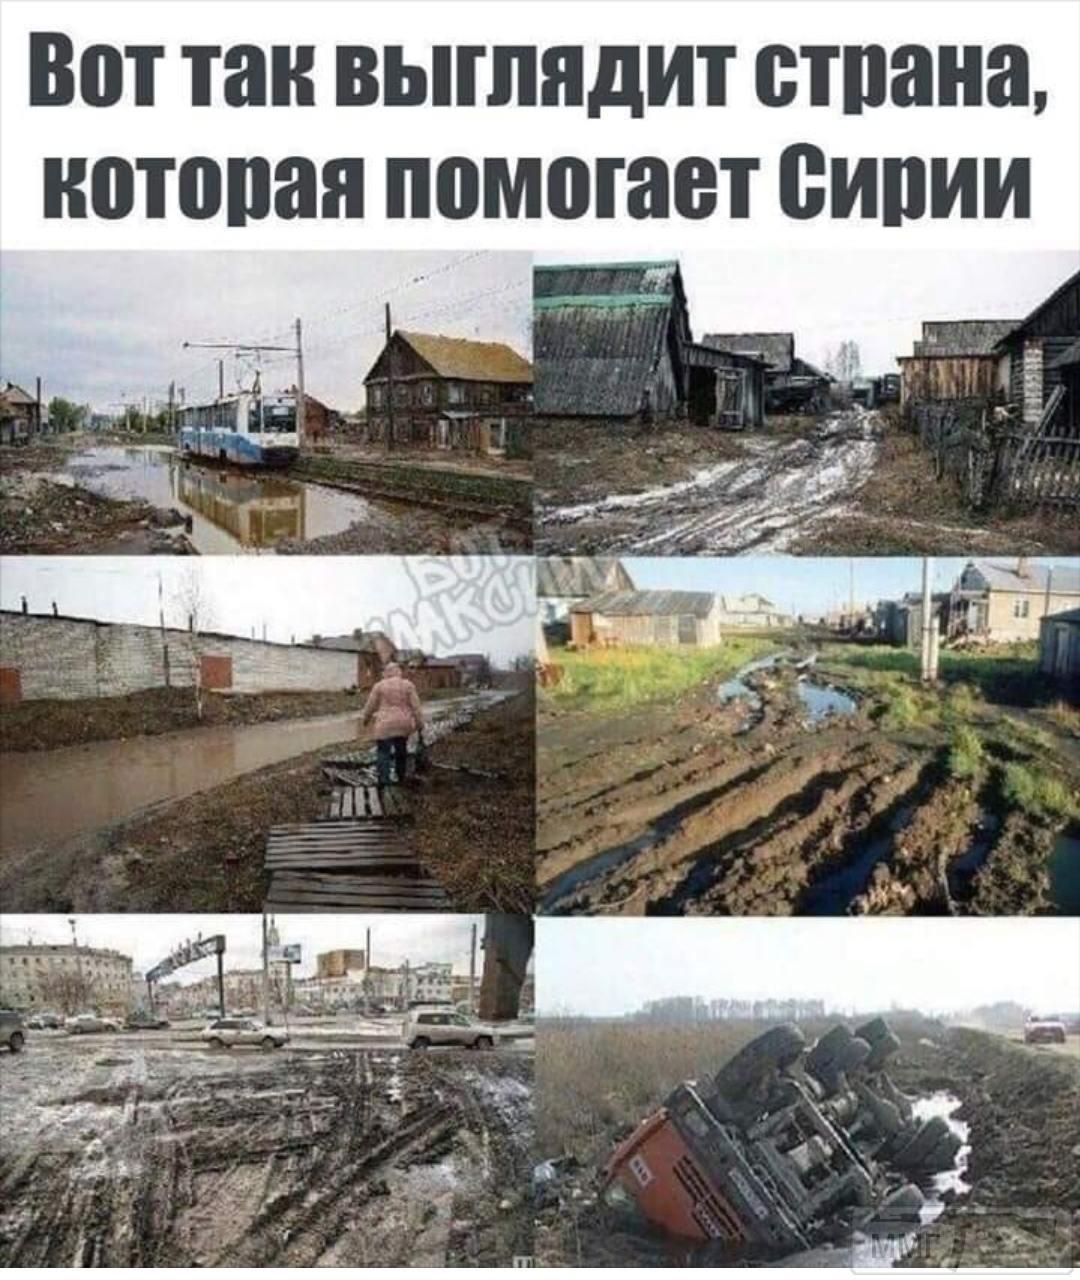 85326 - А в России чудеса!